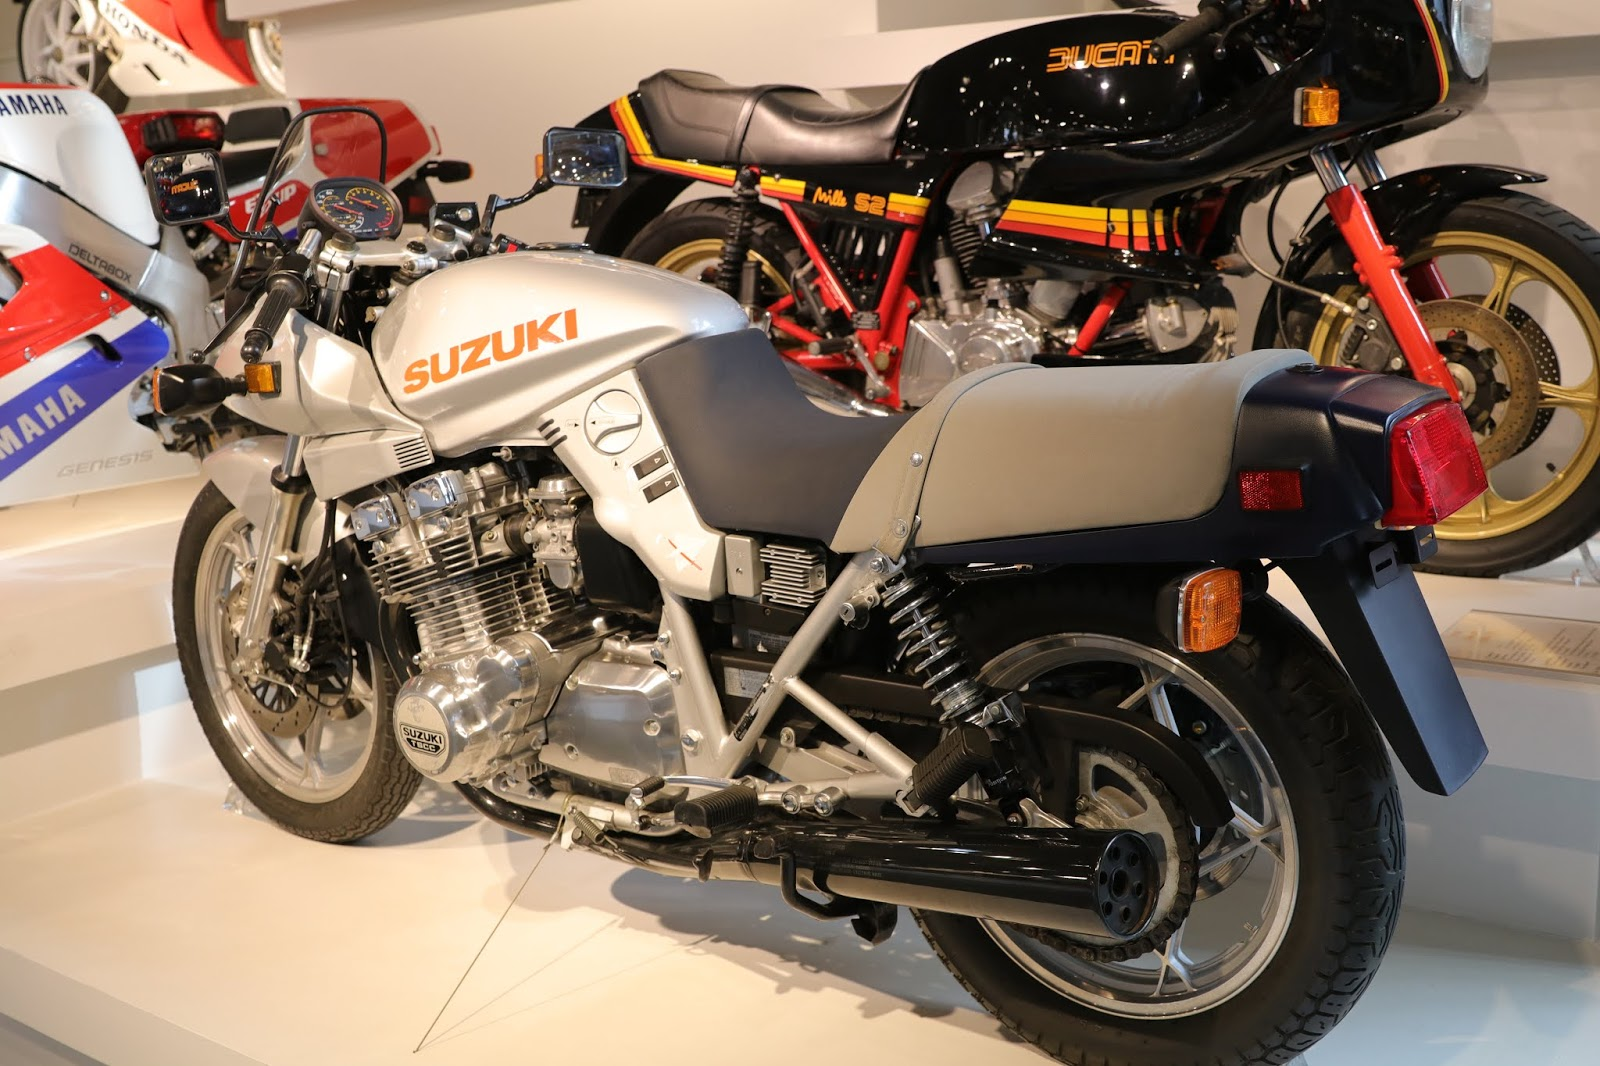 Sharp Sword: 1982 SUZUKI GS1000 KATANA - Rare SportBikes